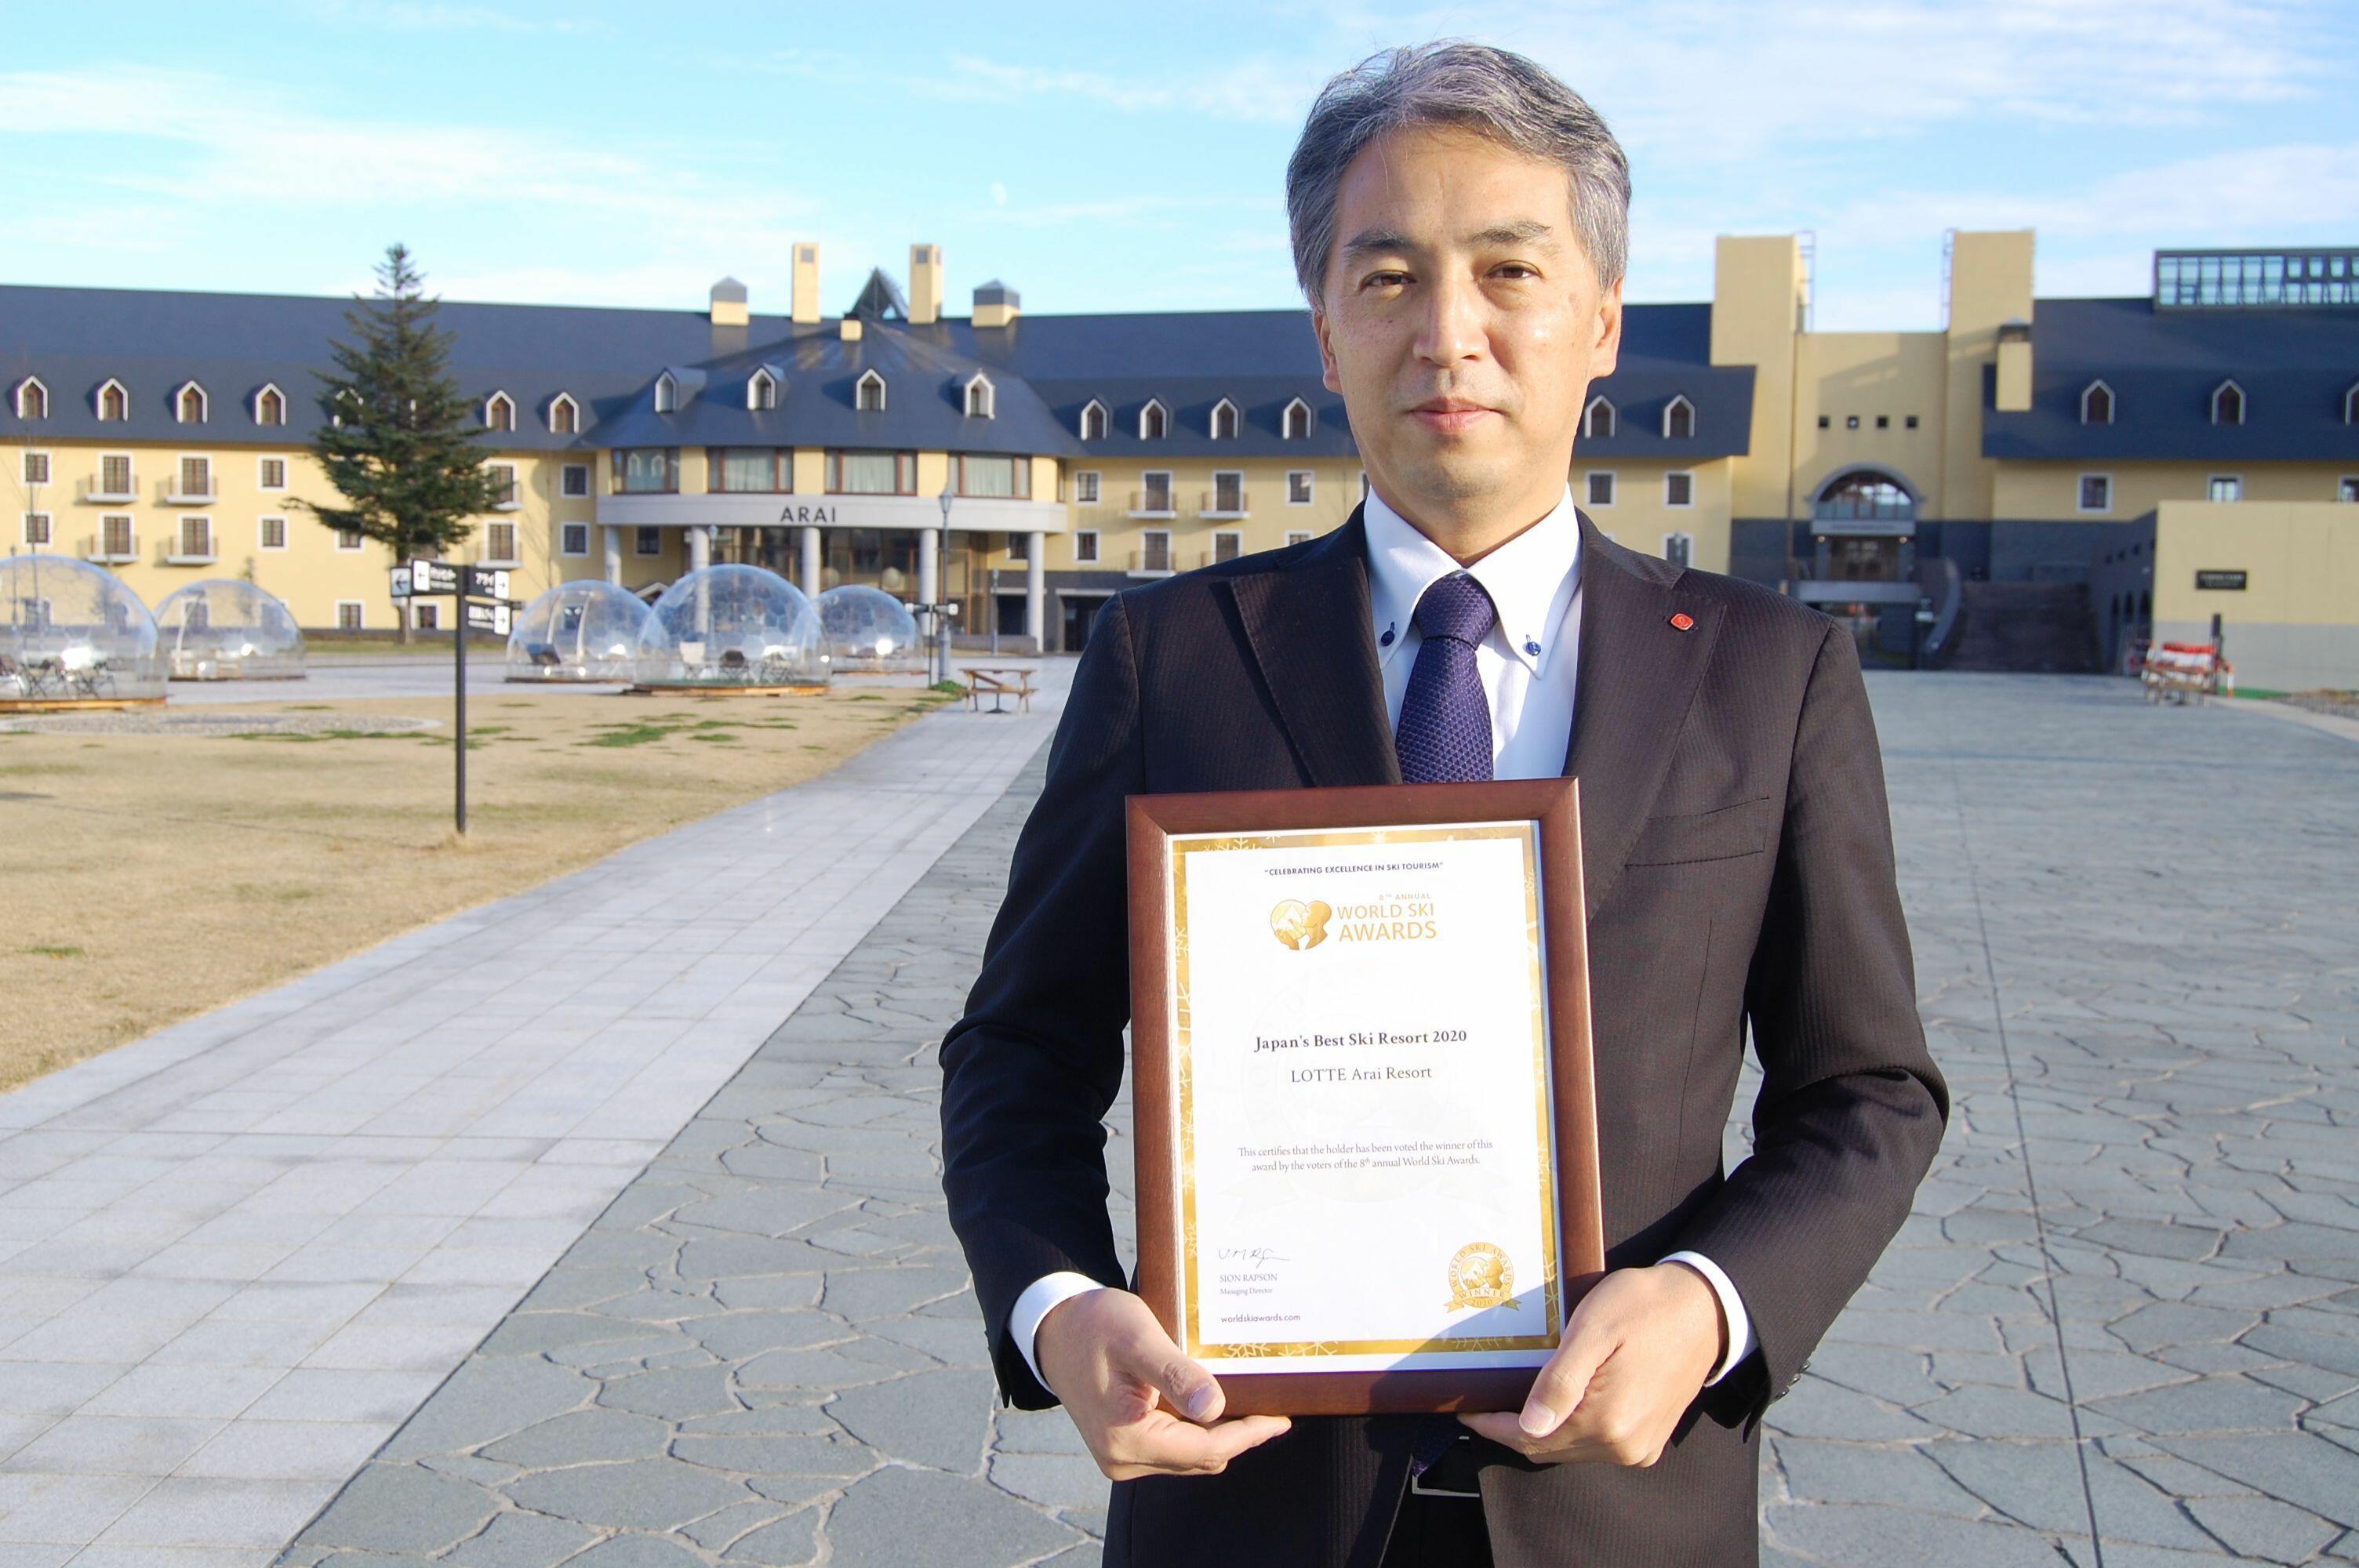 「日本のベストスキーリゾート2020」の賞状を持つ中谷高士代表取締役兼総支配人=妙高市のロッテアライリゾート